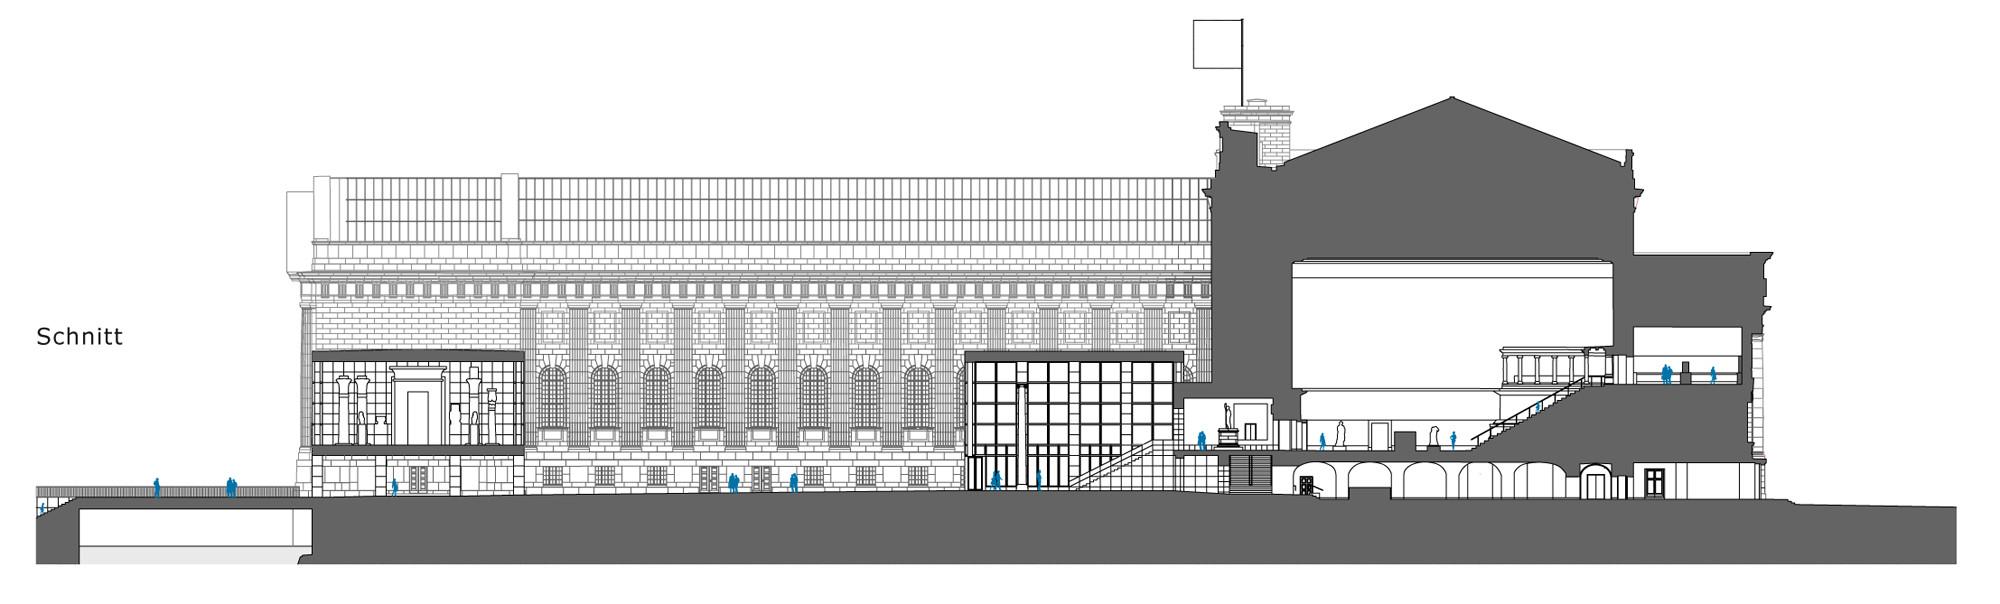 Sanierung Pergamonmuseum In Berlin Geruste Und Schalungen Bildung Kultur Baunetz Wissen